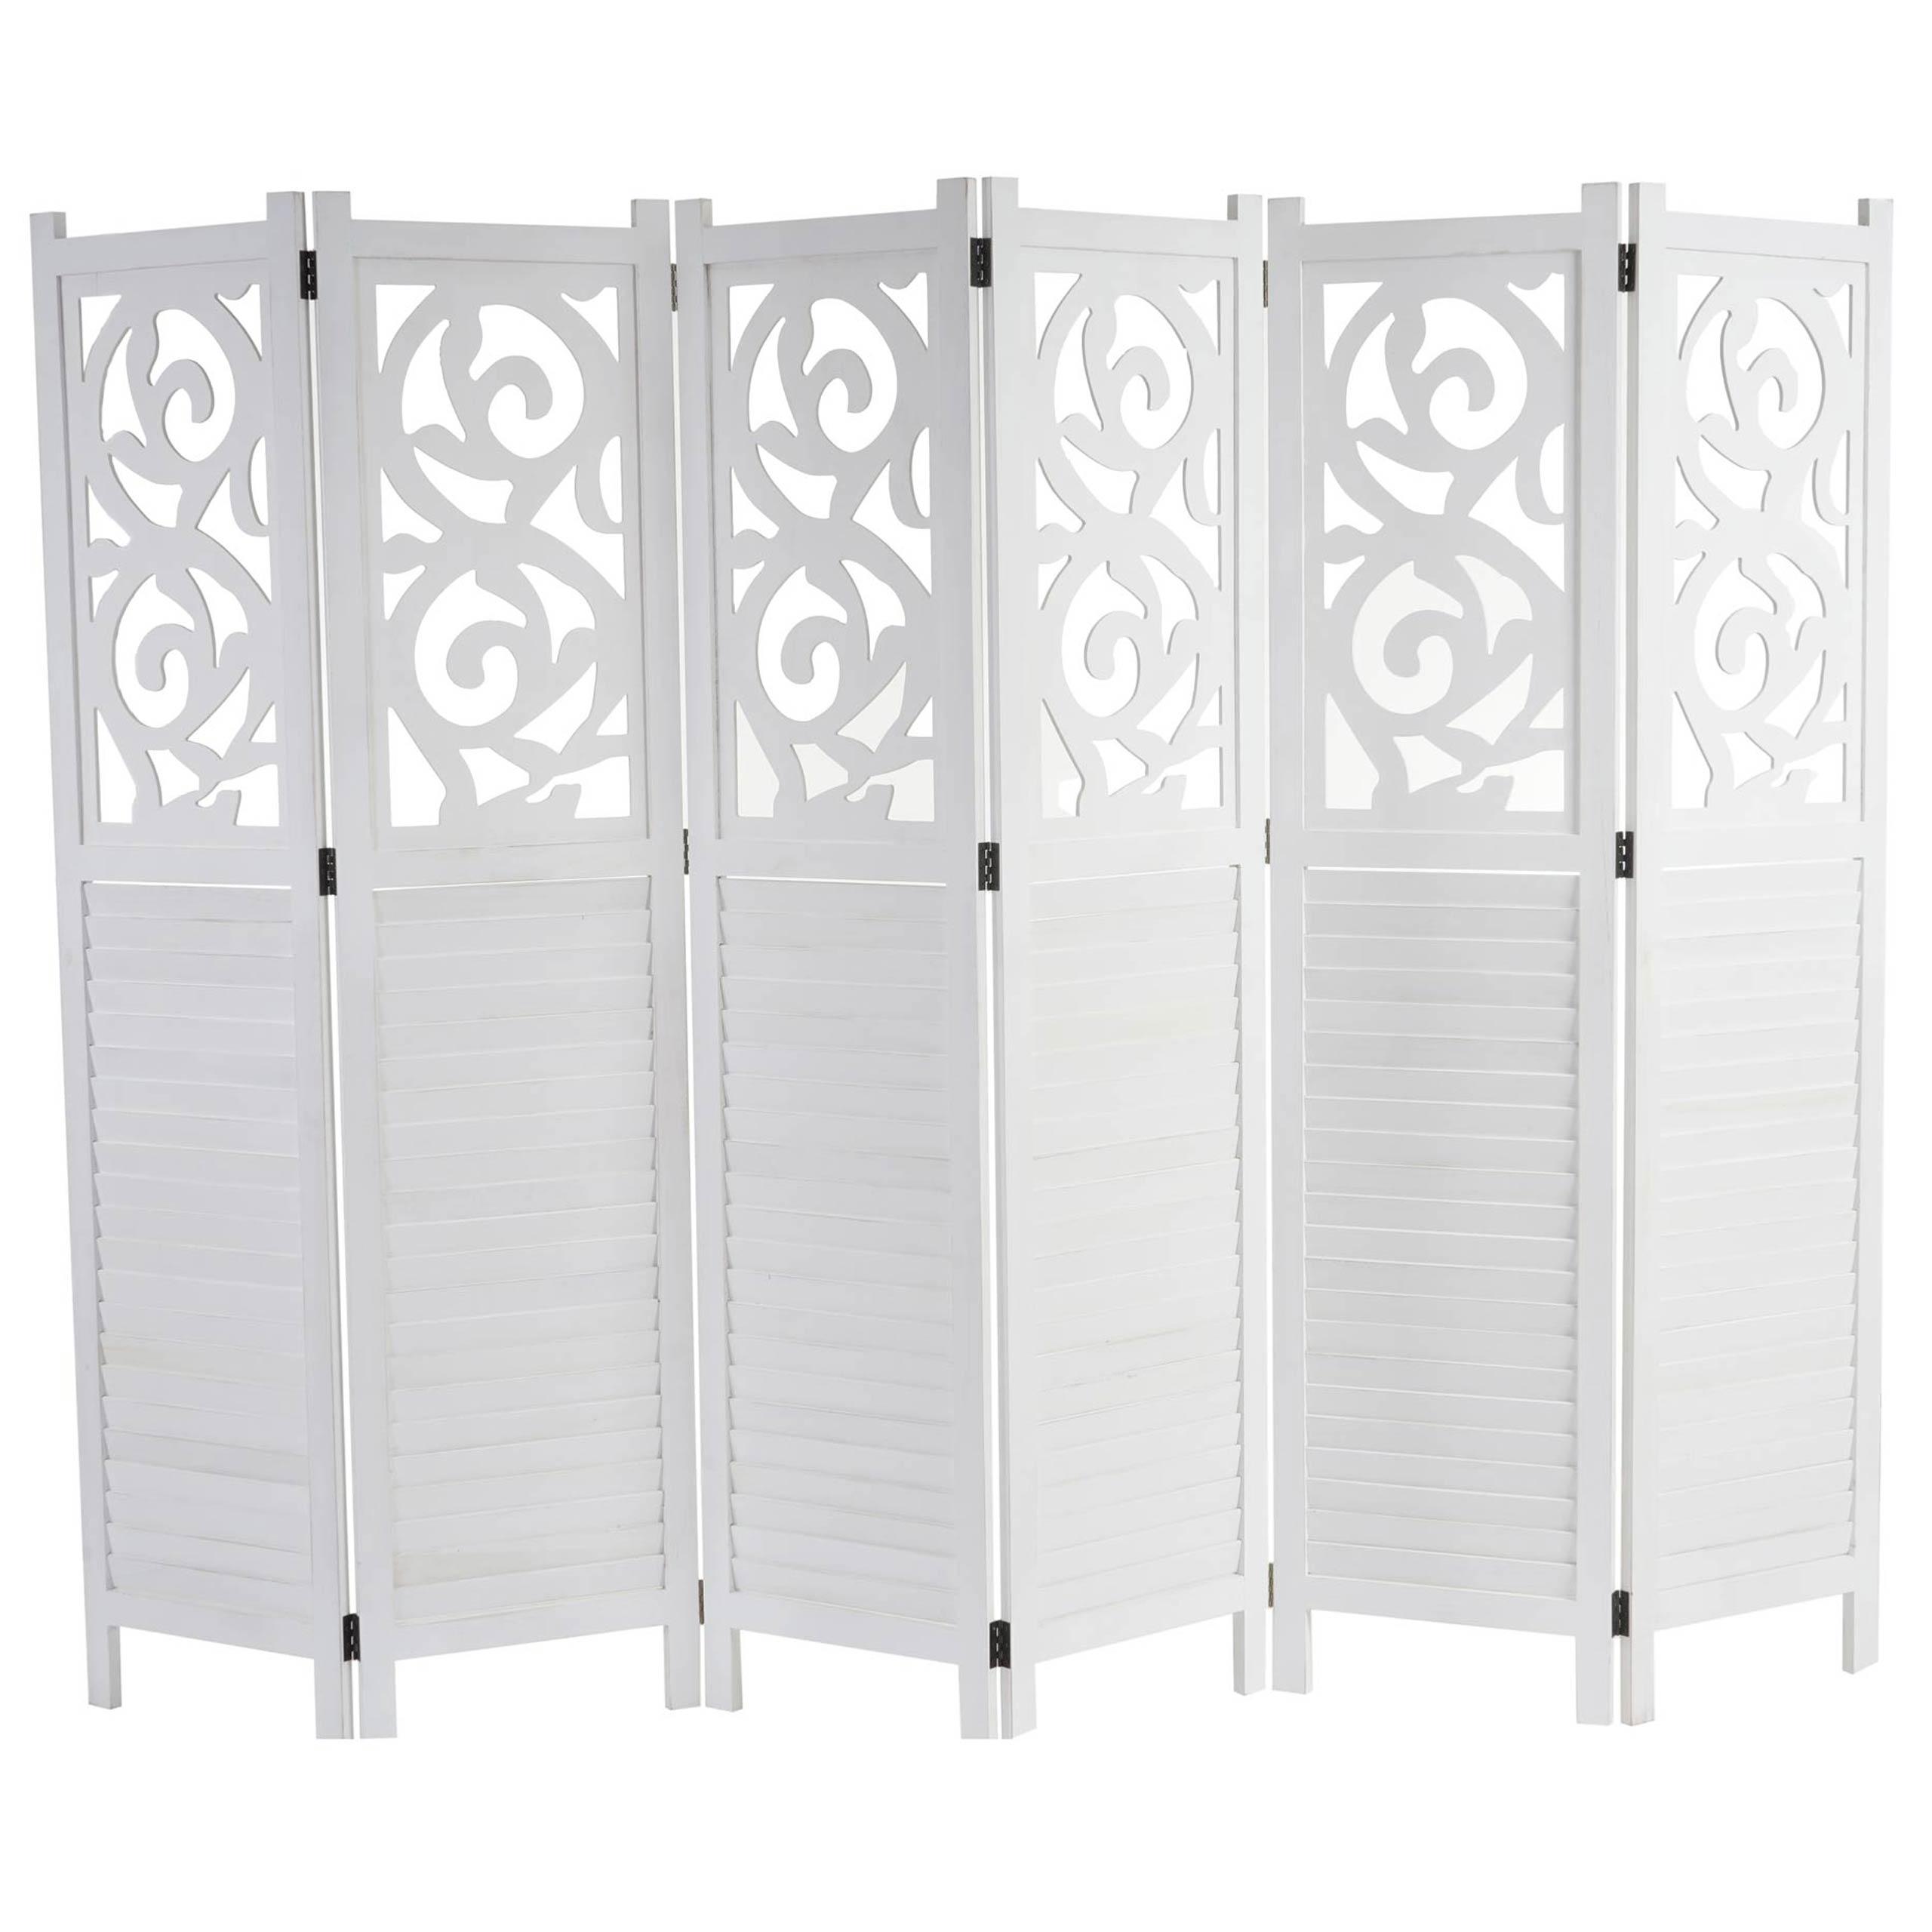 Istanbul Raumteiler Trennwand Sichtschutz Ornamente 170x240cm